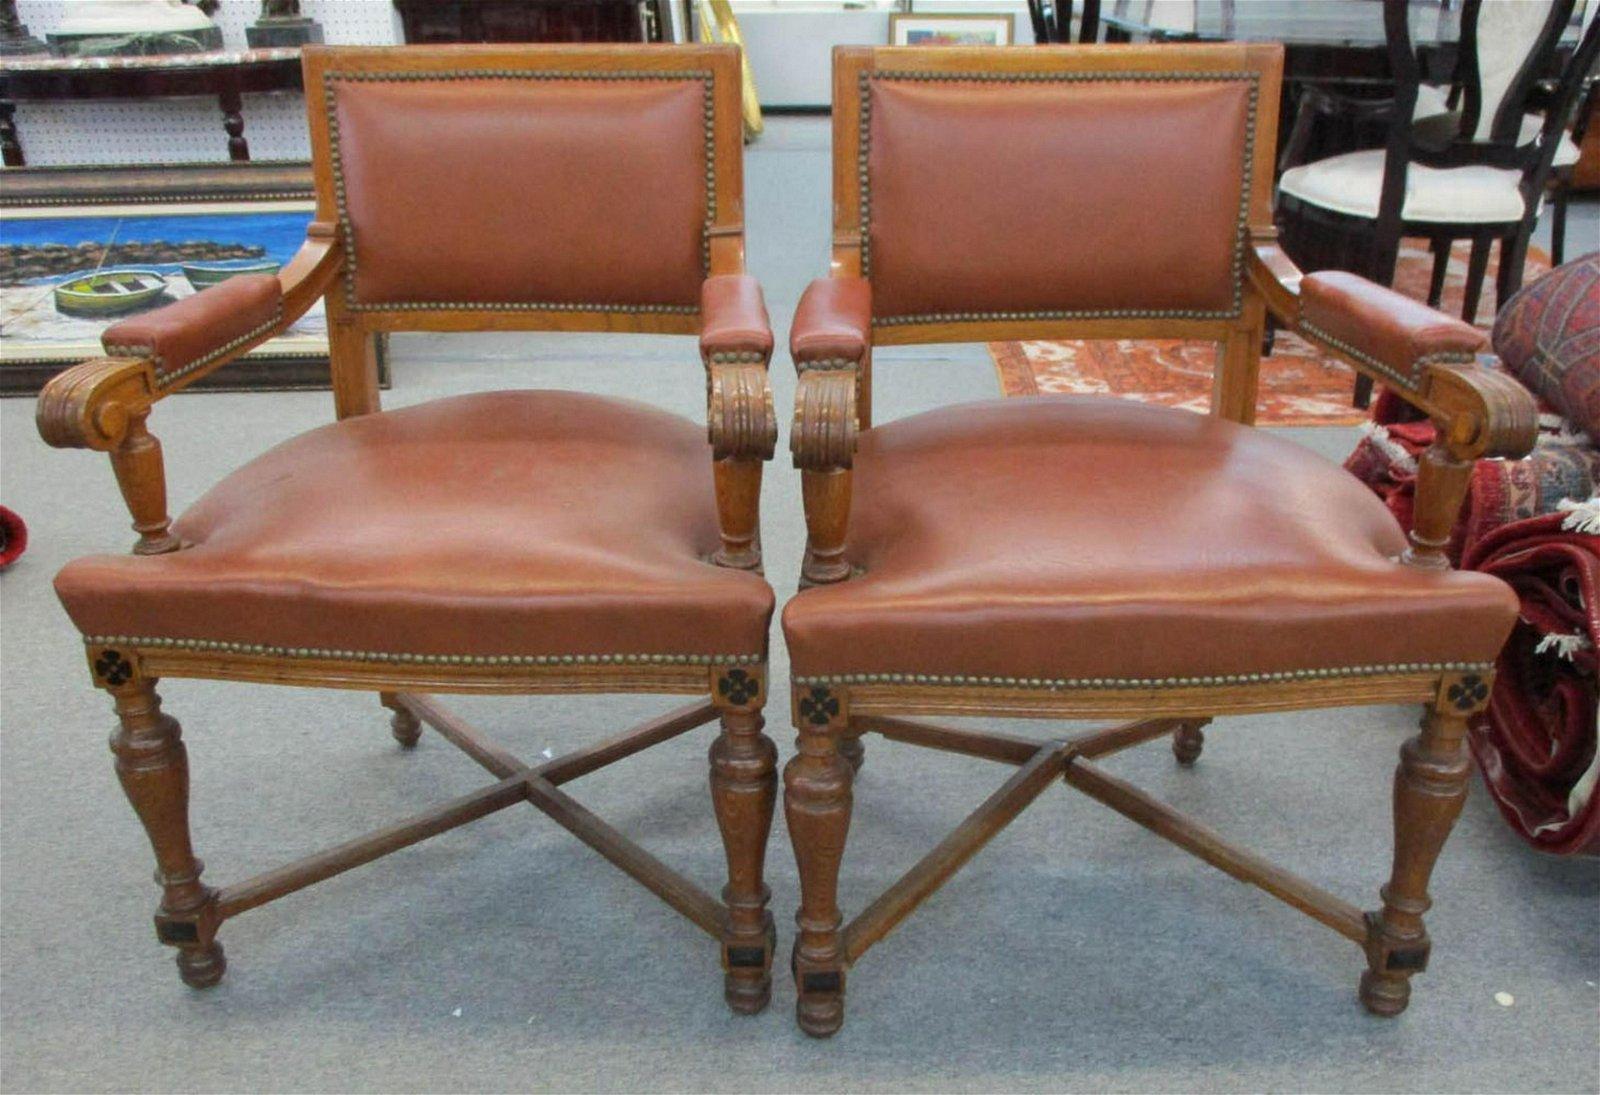 Pair of vintage European armchairs